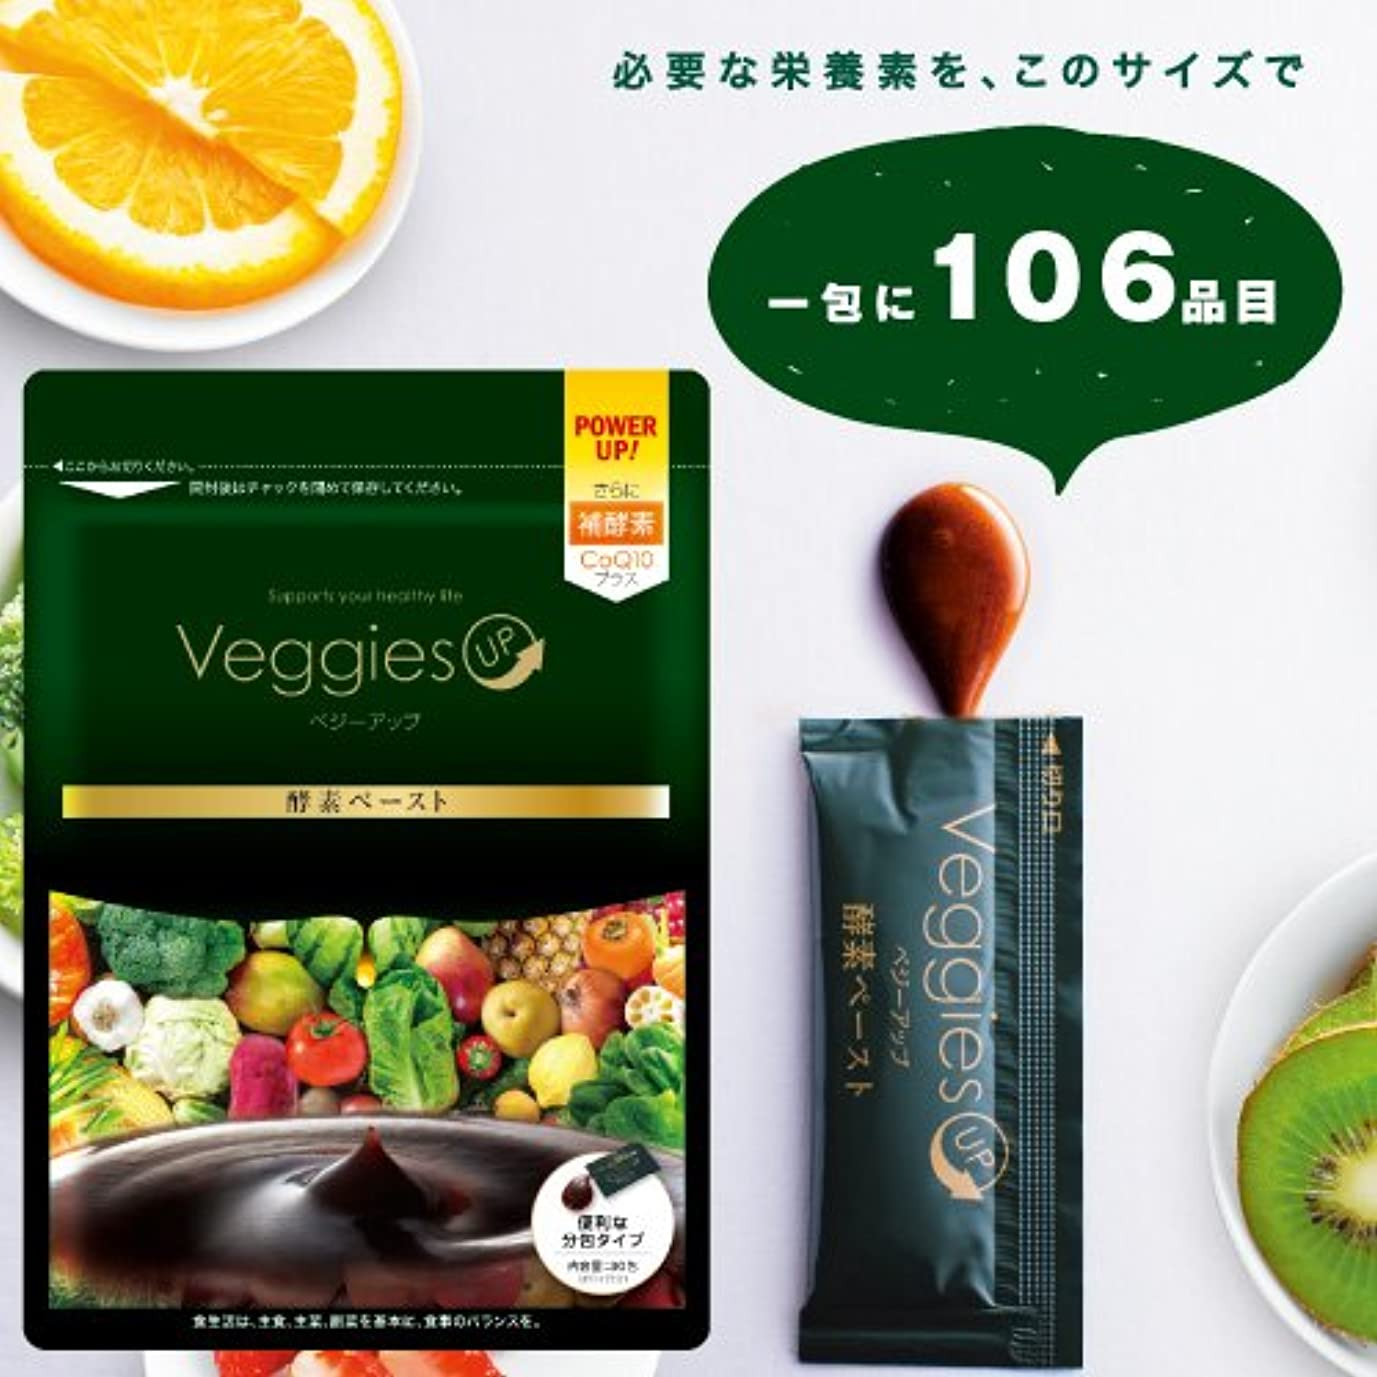 サーバント控えめな印象ベジーアップ酵素ペースト 90g [3g×30包] ダイエット オリゴ糖 イヌリン コエンザイムQ10 黒ウコン 健康